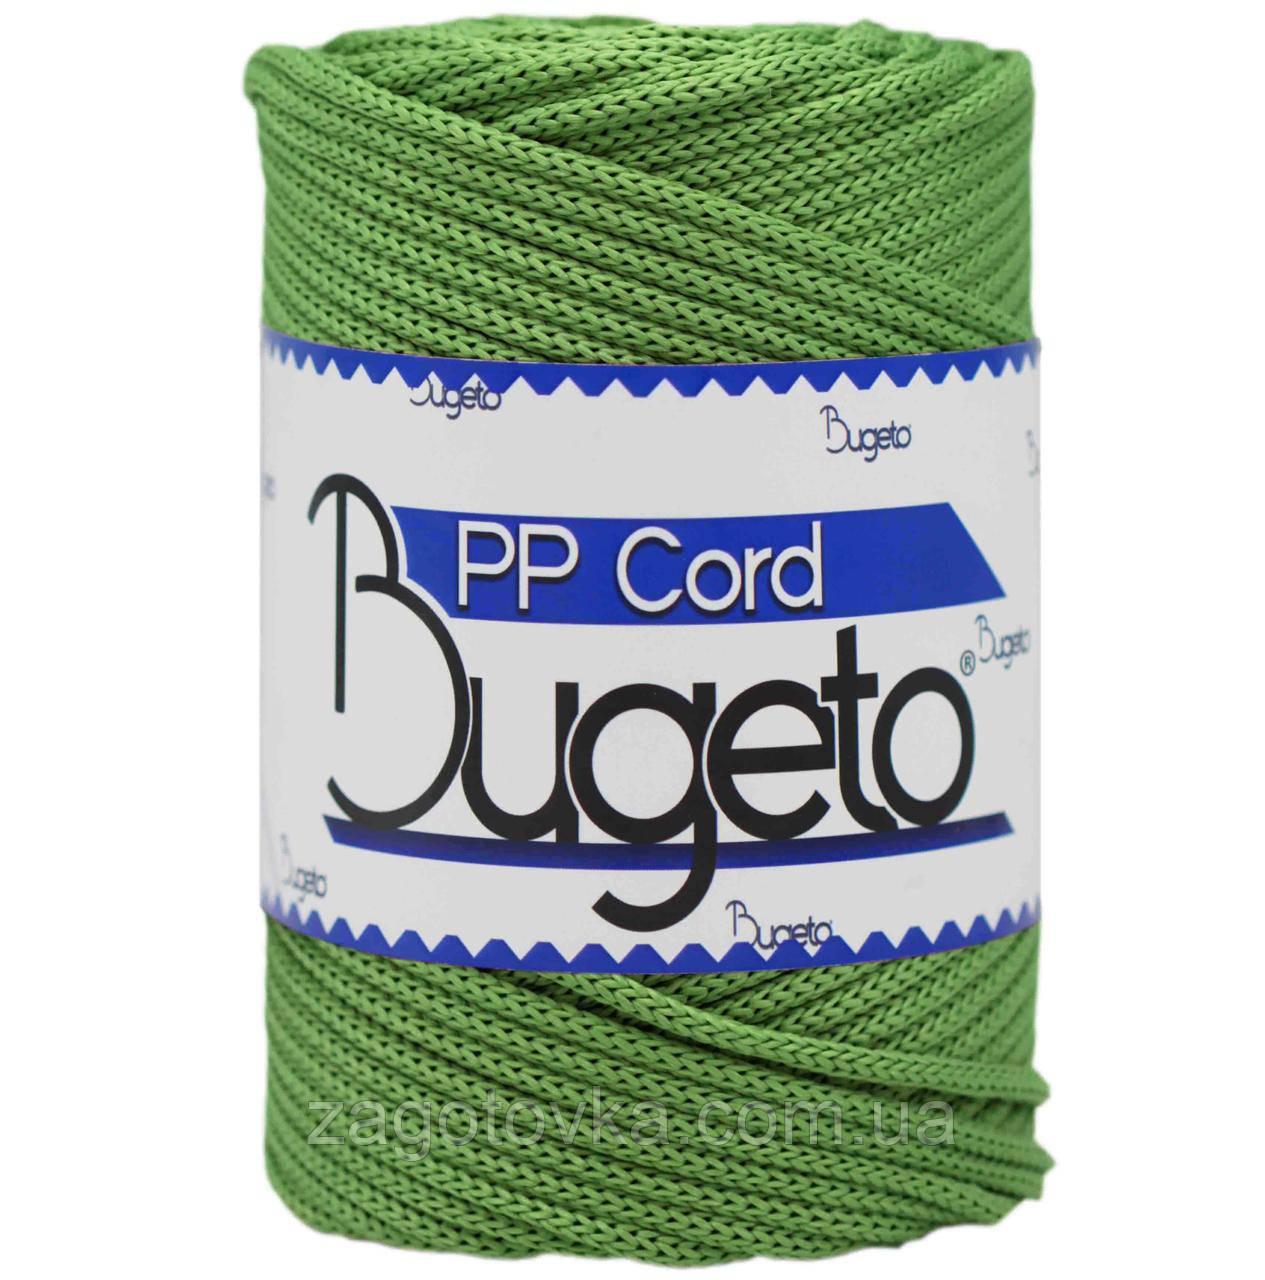 Полипропиленовый шнур Bugeto PP Cord 5mm, Зеленый